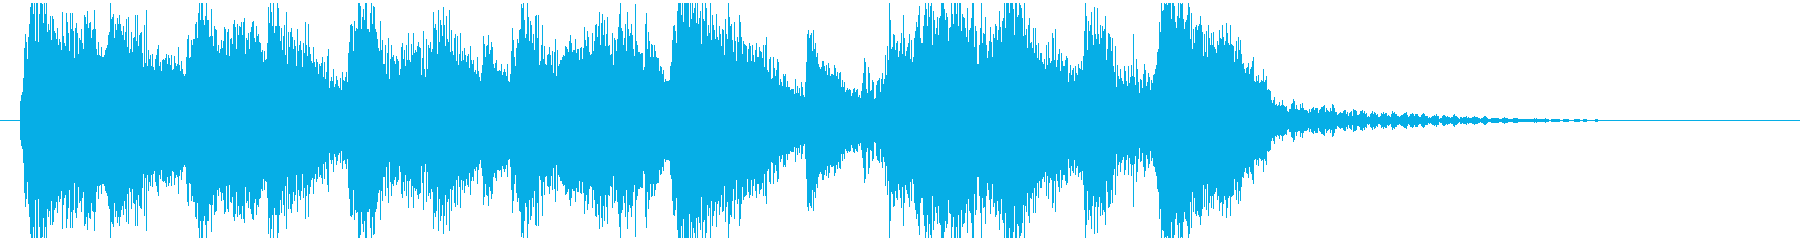 ハロウィンジングルの再生済みの波形